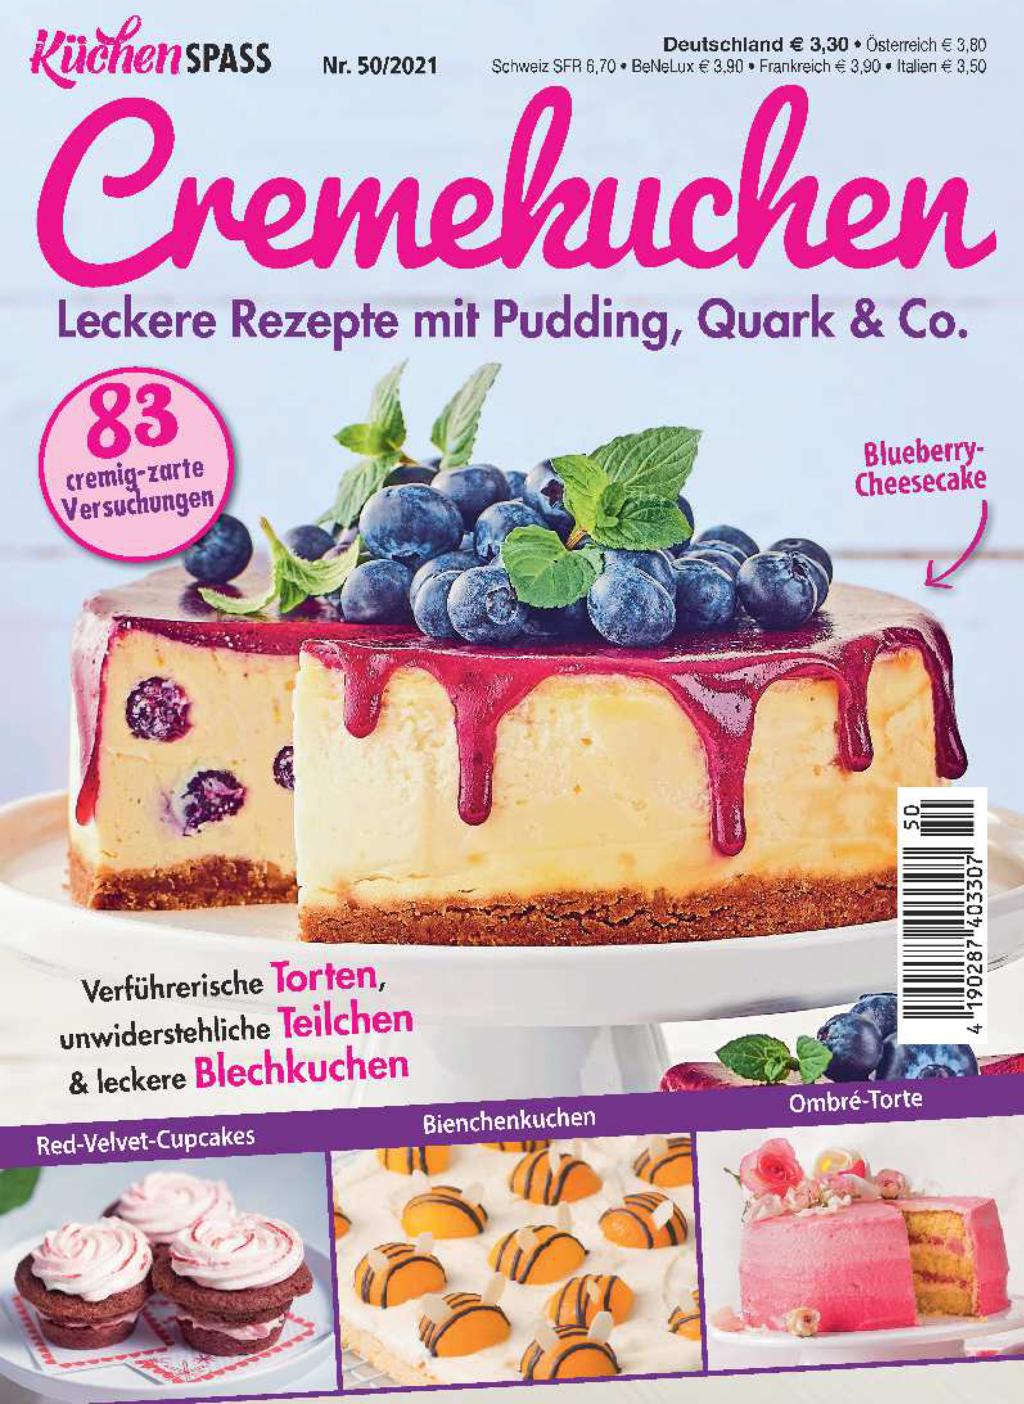 KüchenSPASS 50/2021 - Cremekuchen